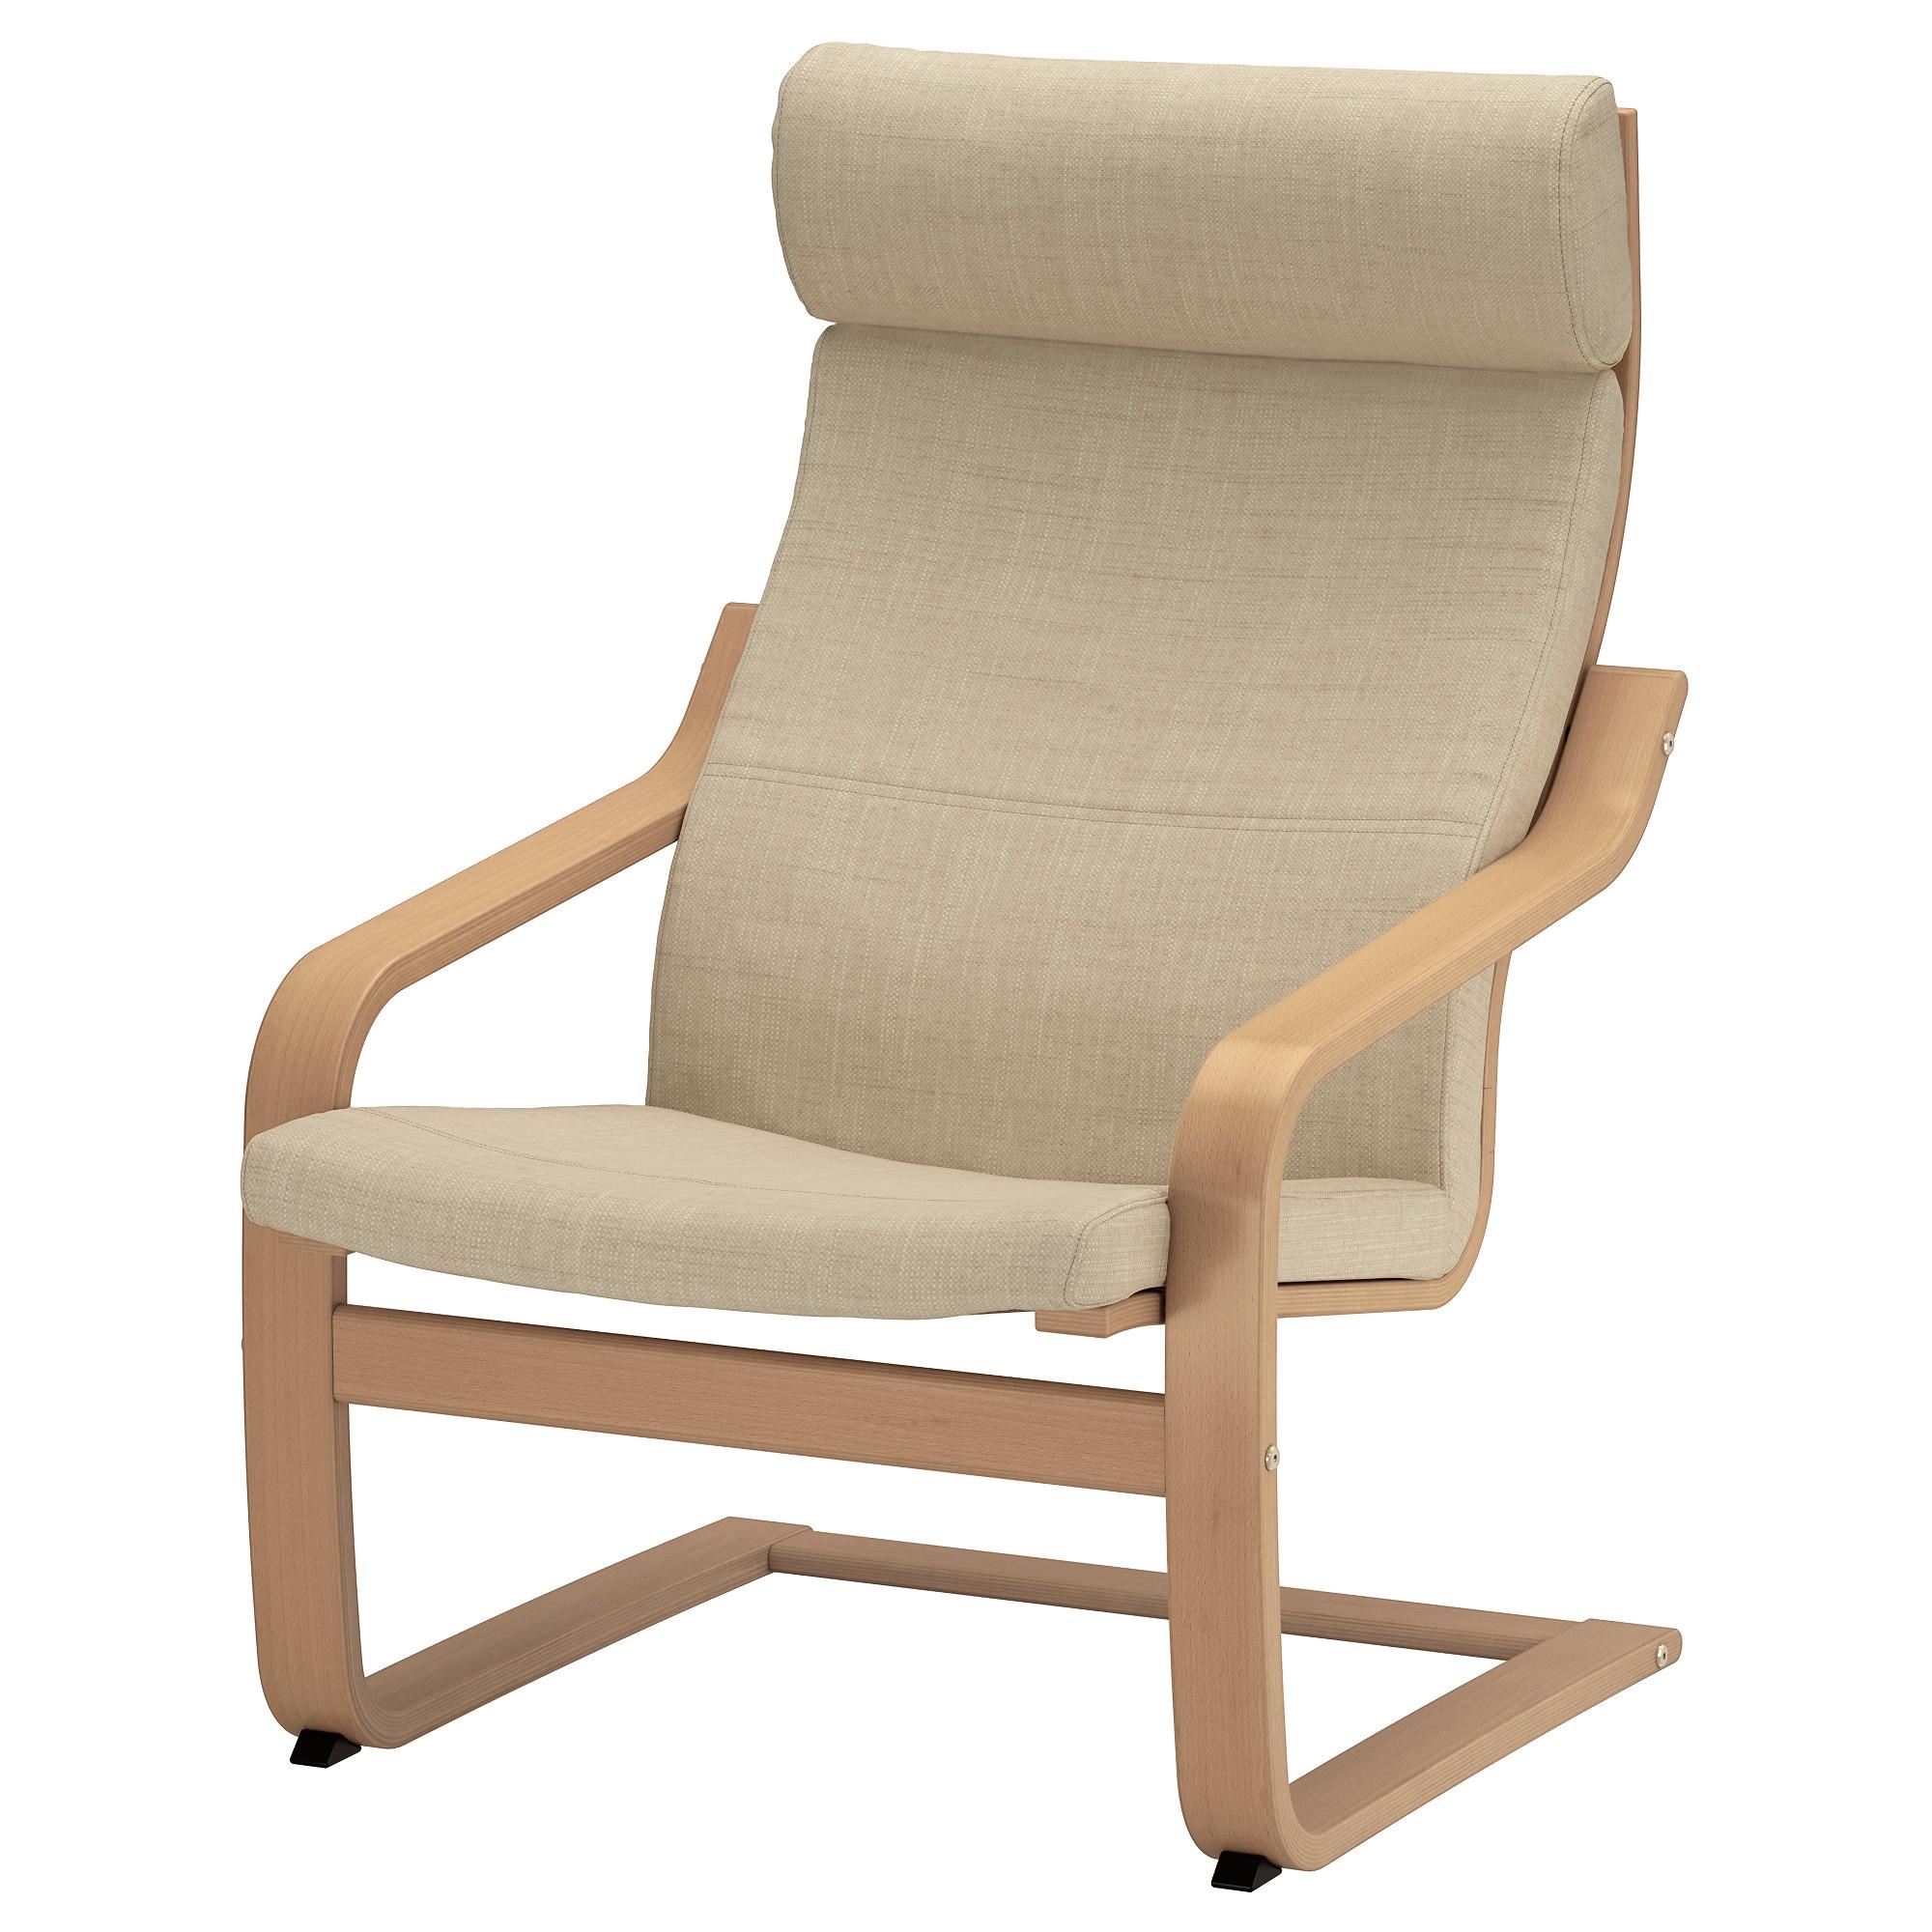 Ikea Poäng(der komische Ikea stuhl) Gestell+Bezug viele Modelle für 79€